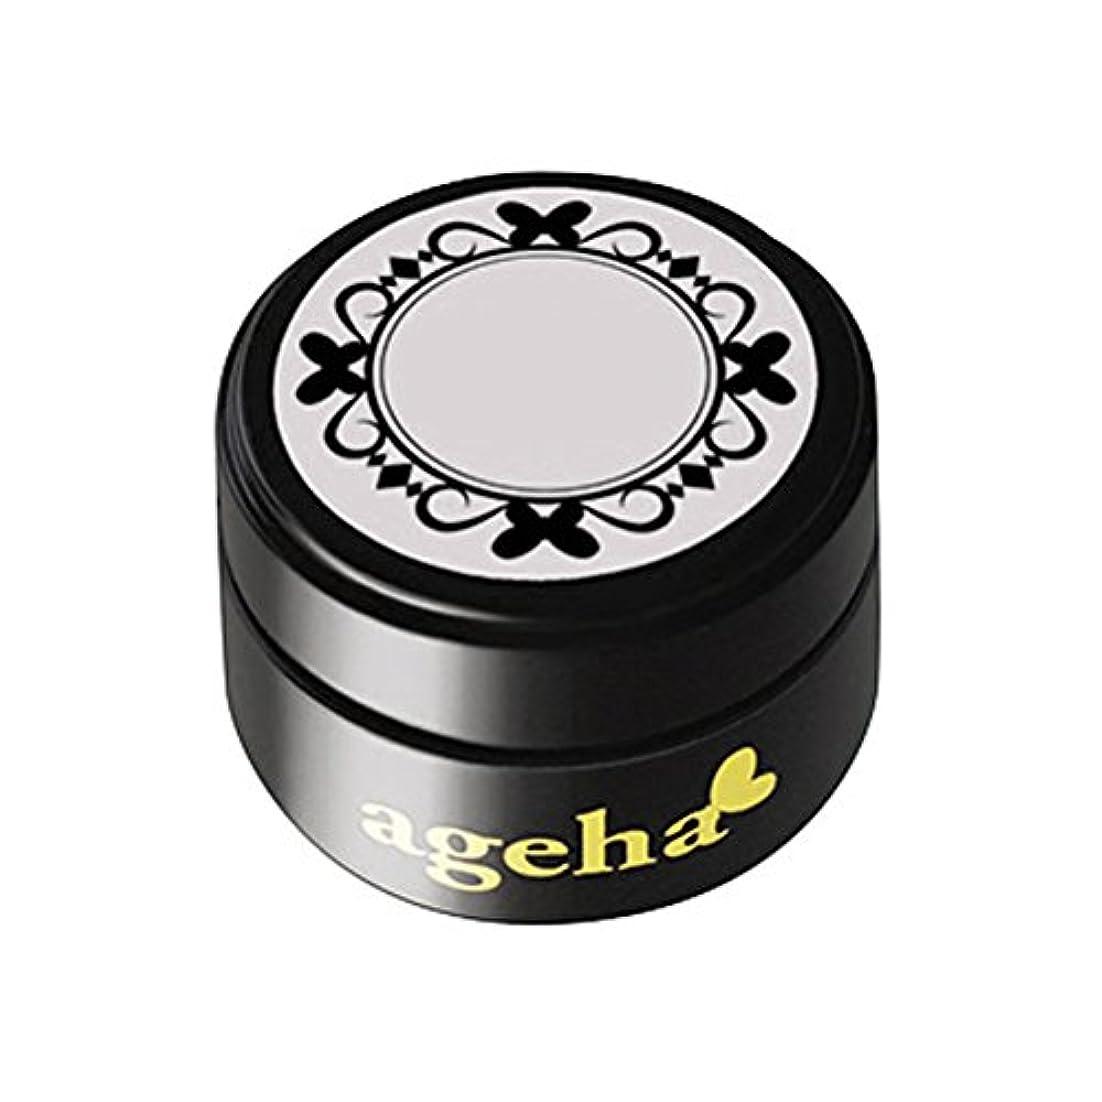 トーナメントれんがオーディションageha gel カラージェル コスメカラー 316 スイートラベンダーA 2.7g UV/LED対応